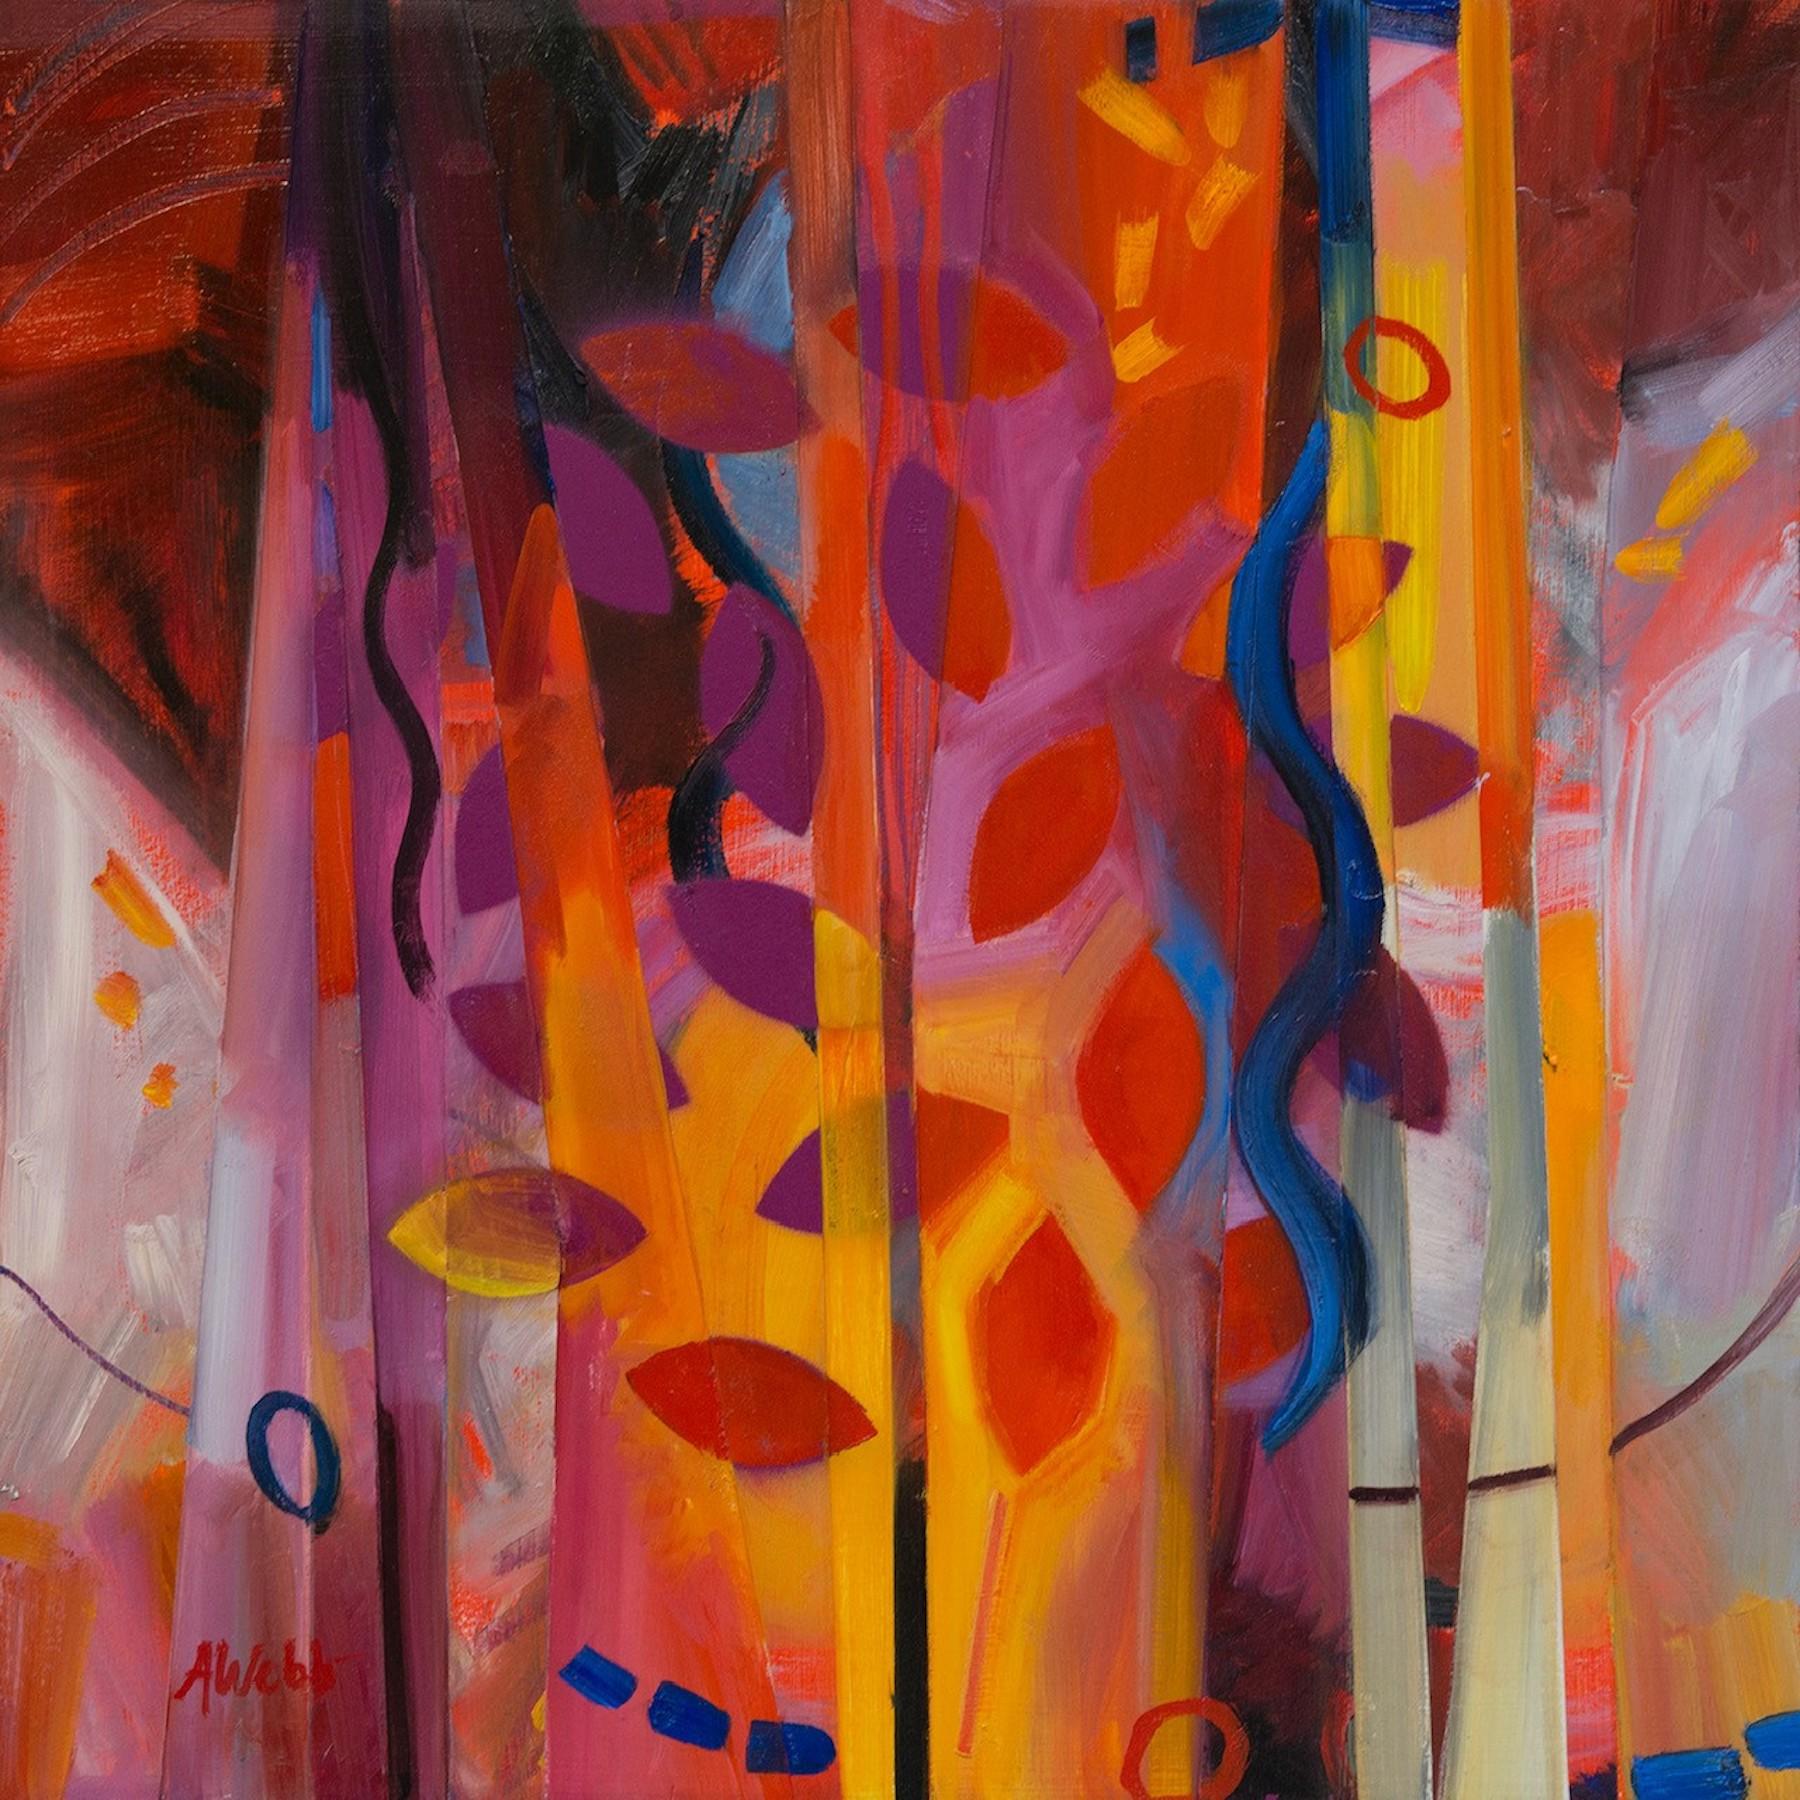 Alice Webb: Fire